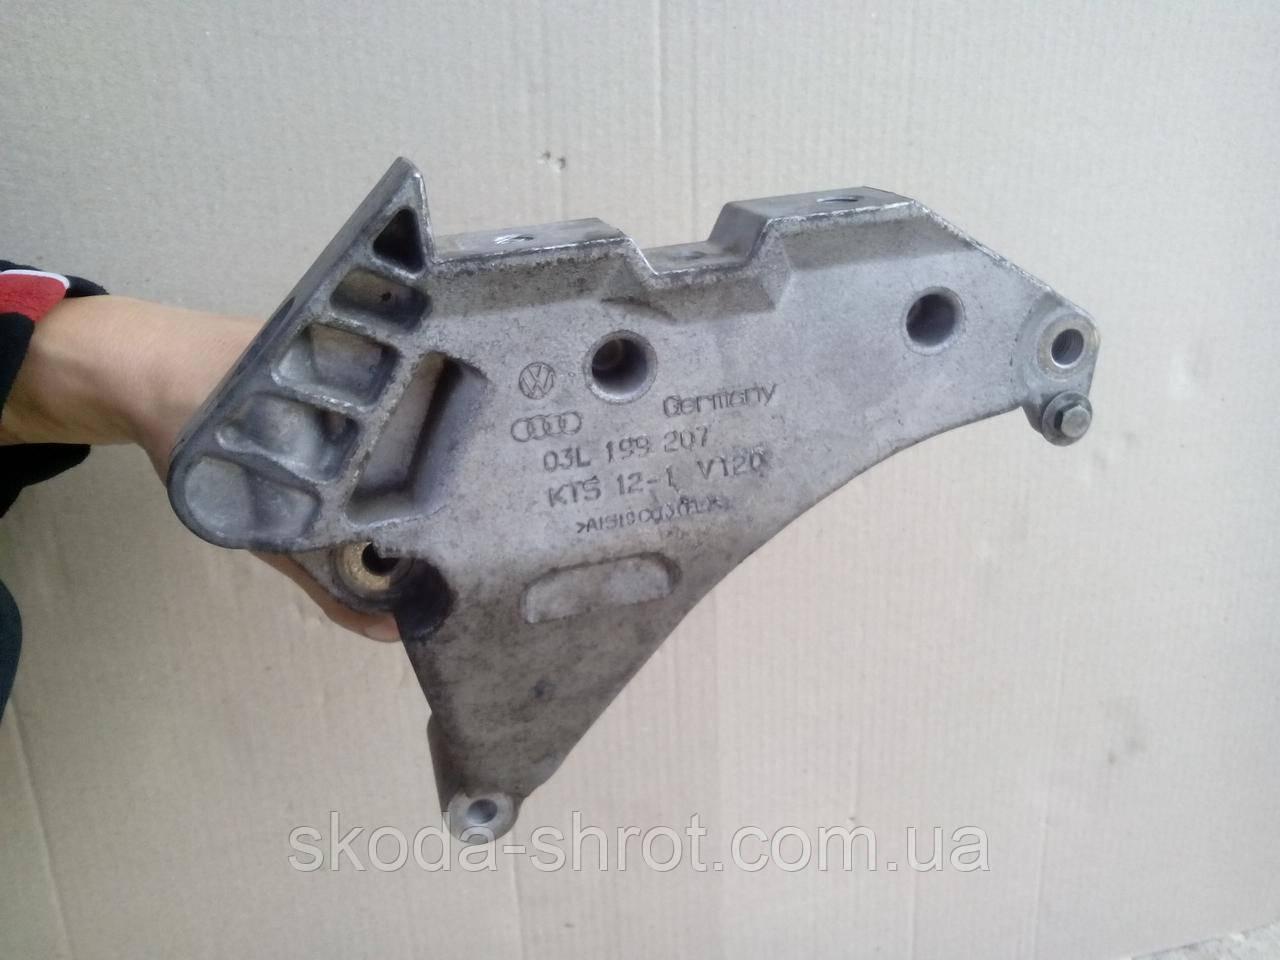 Кронштейн крепления двигателя 03L 199 207 Шкода Октавия 1.6 TDI / 2.0 TDI . 03L199207